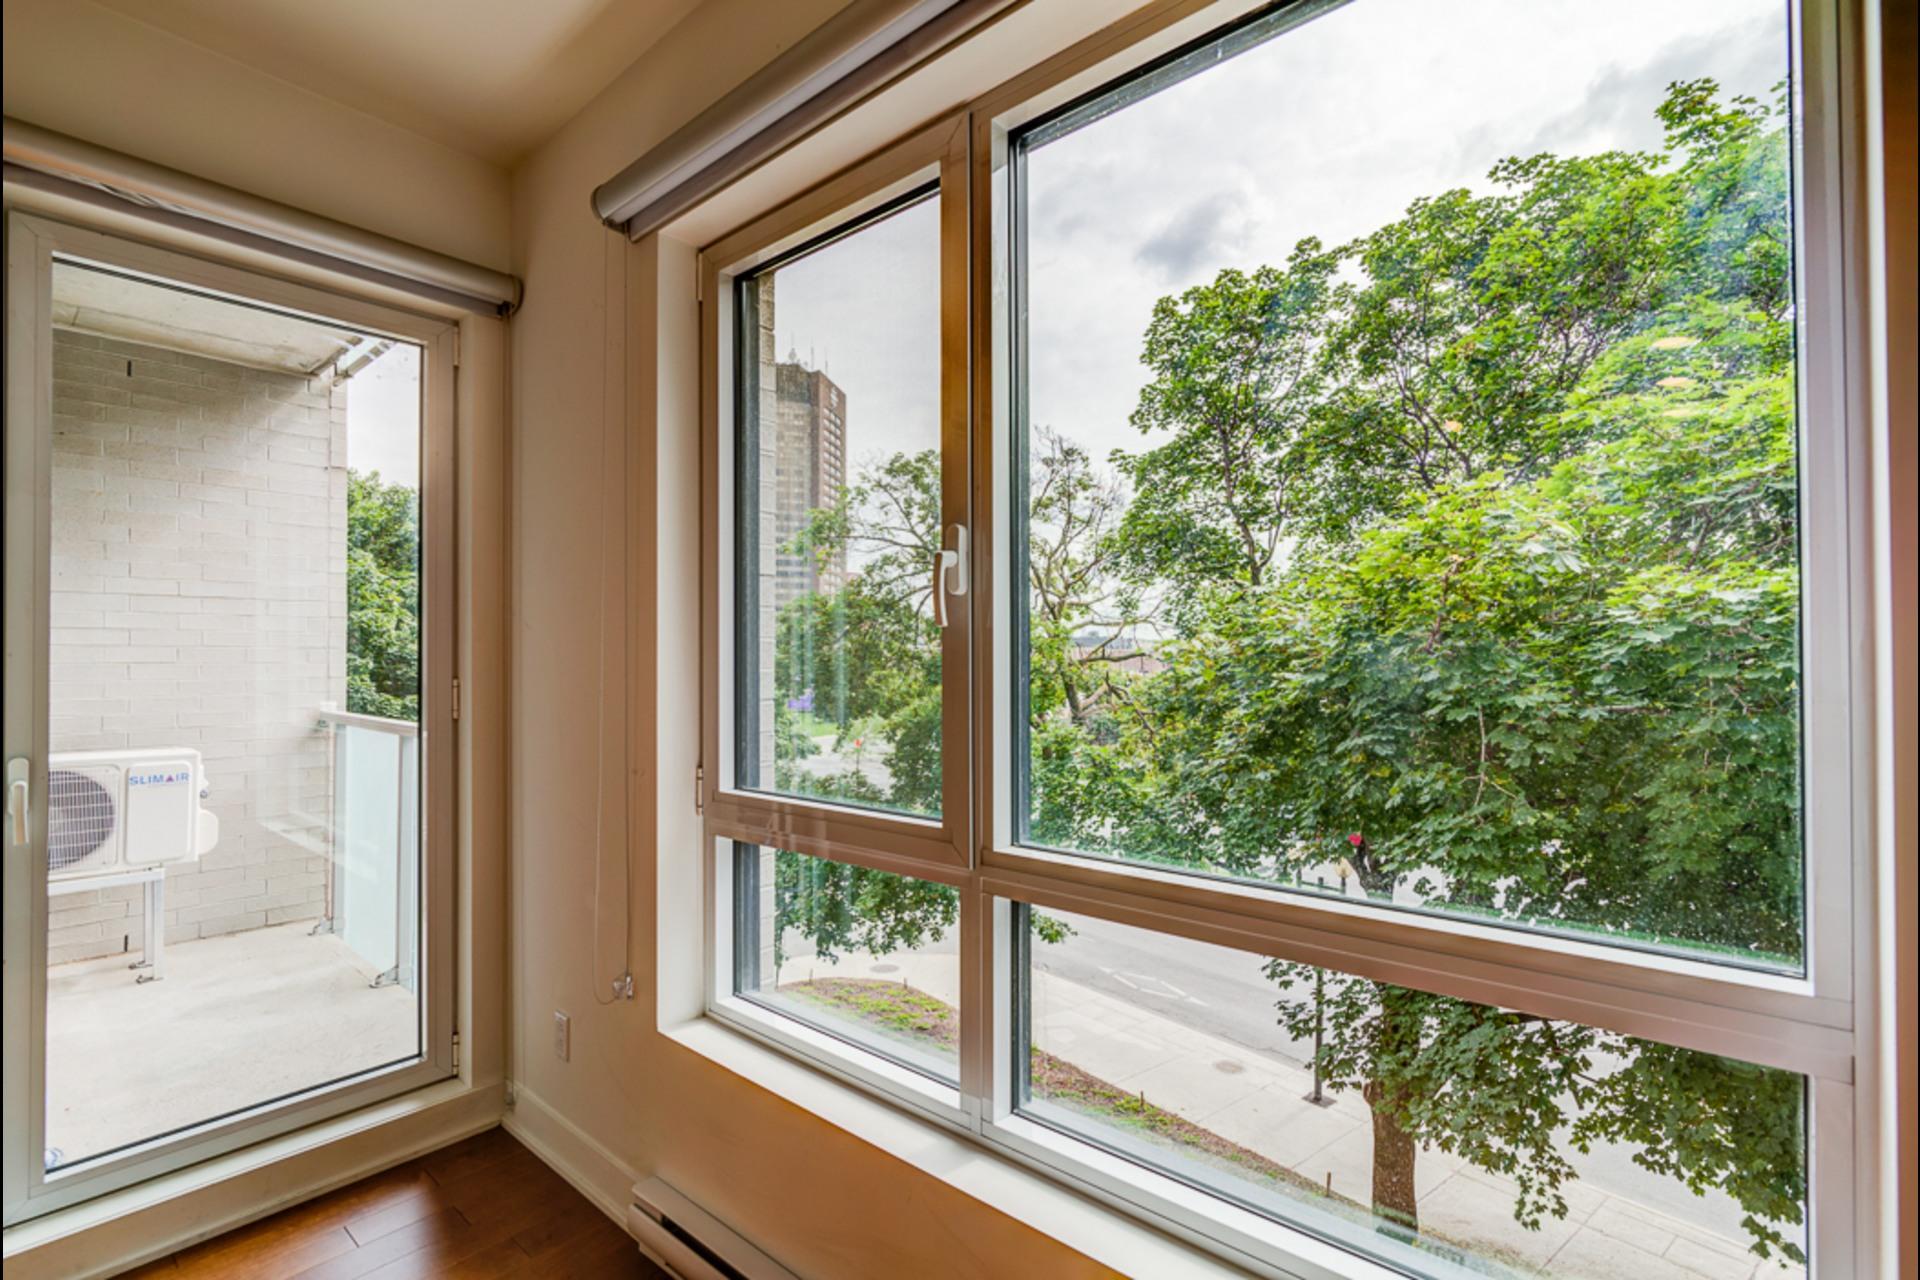 image 8 - 公寓 出租 Montréal